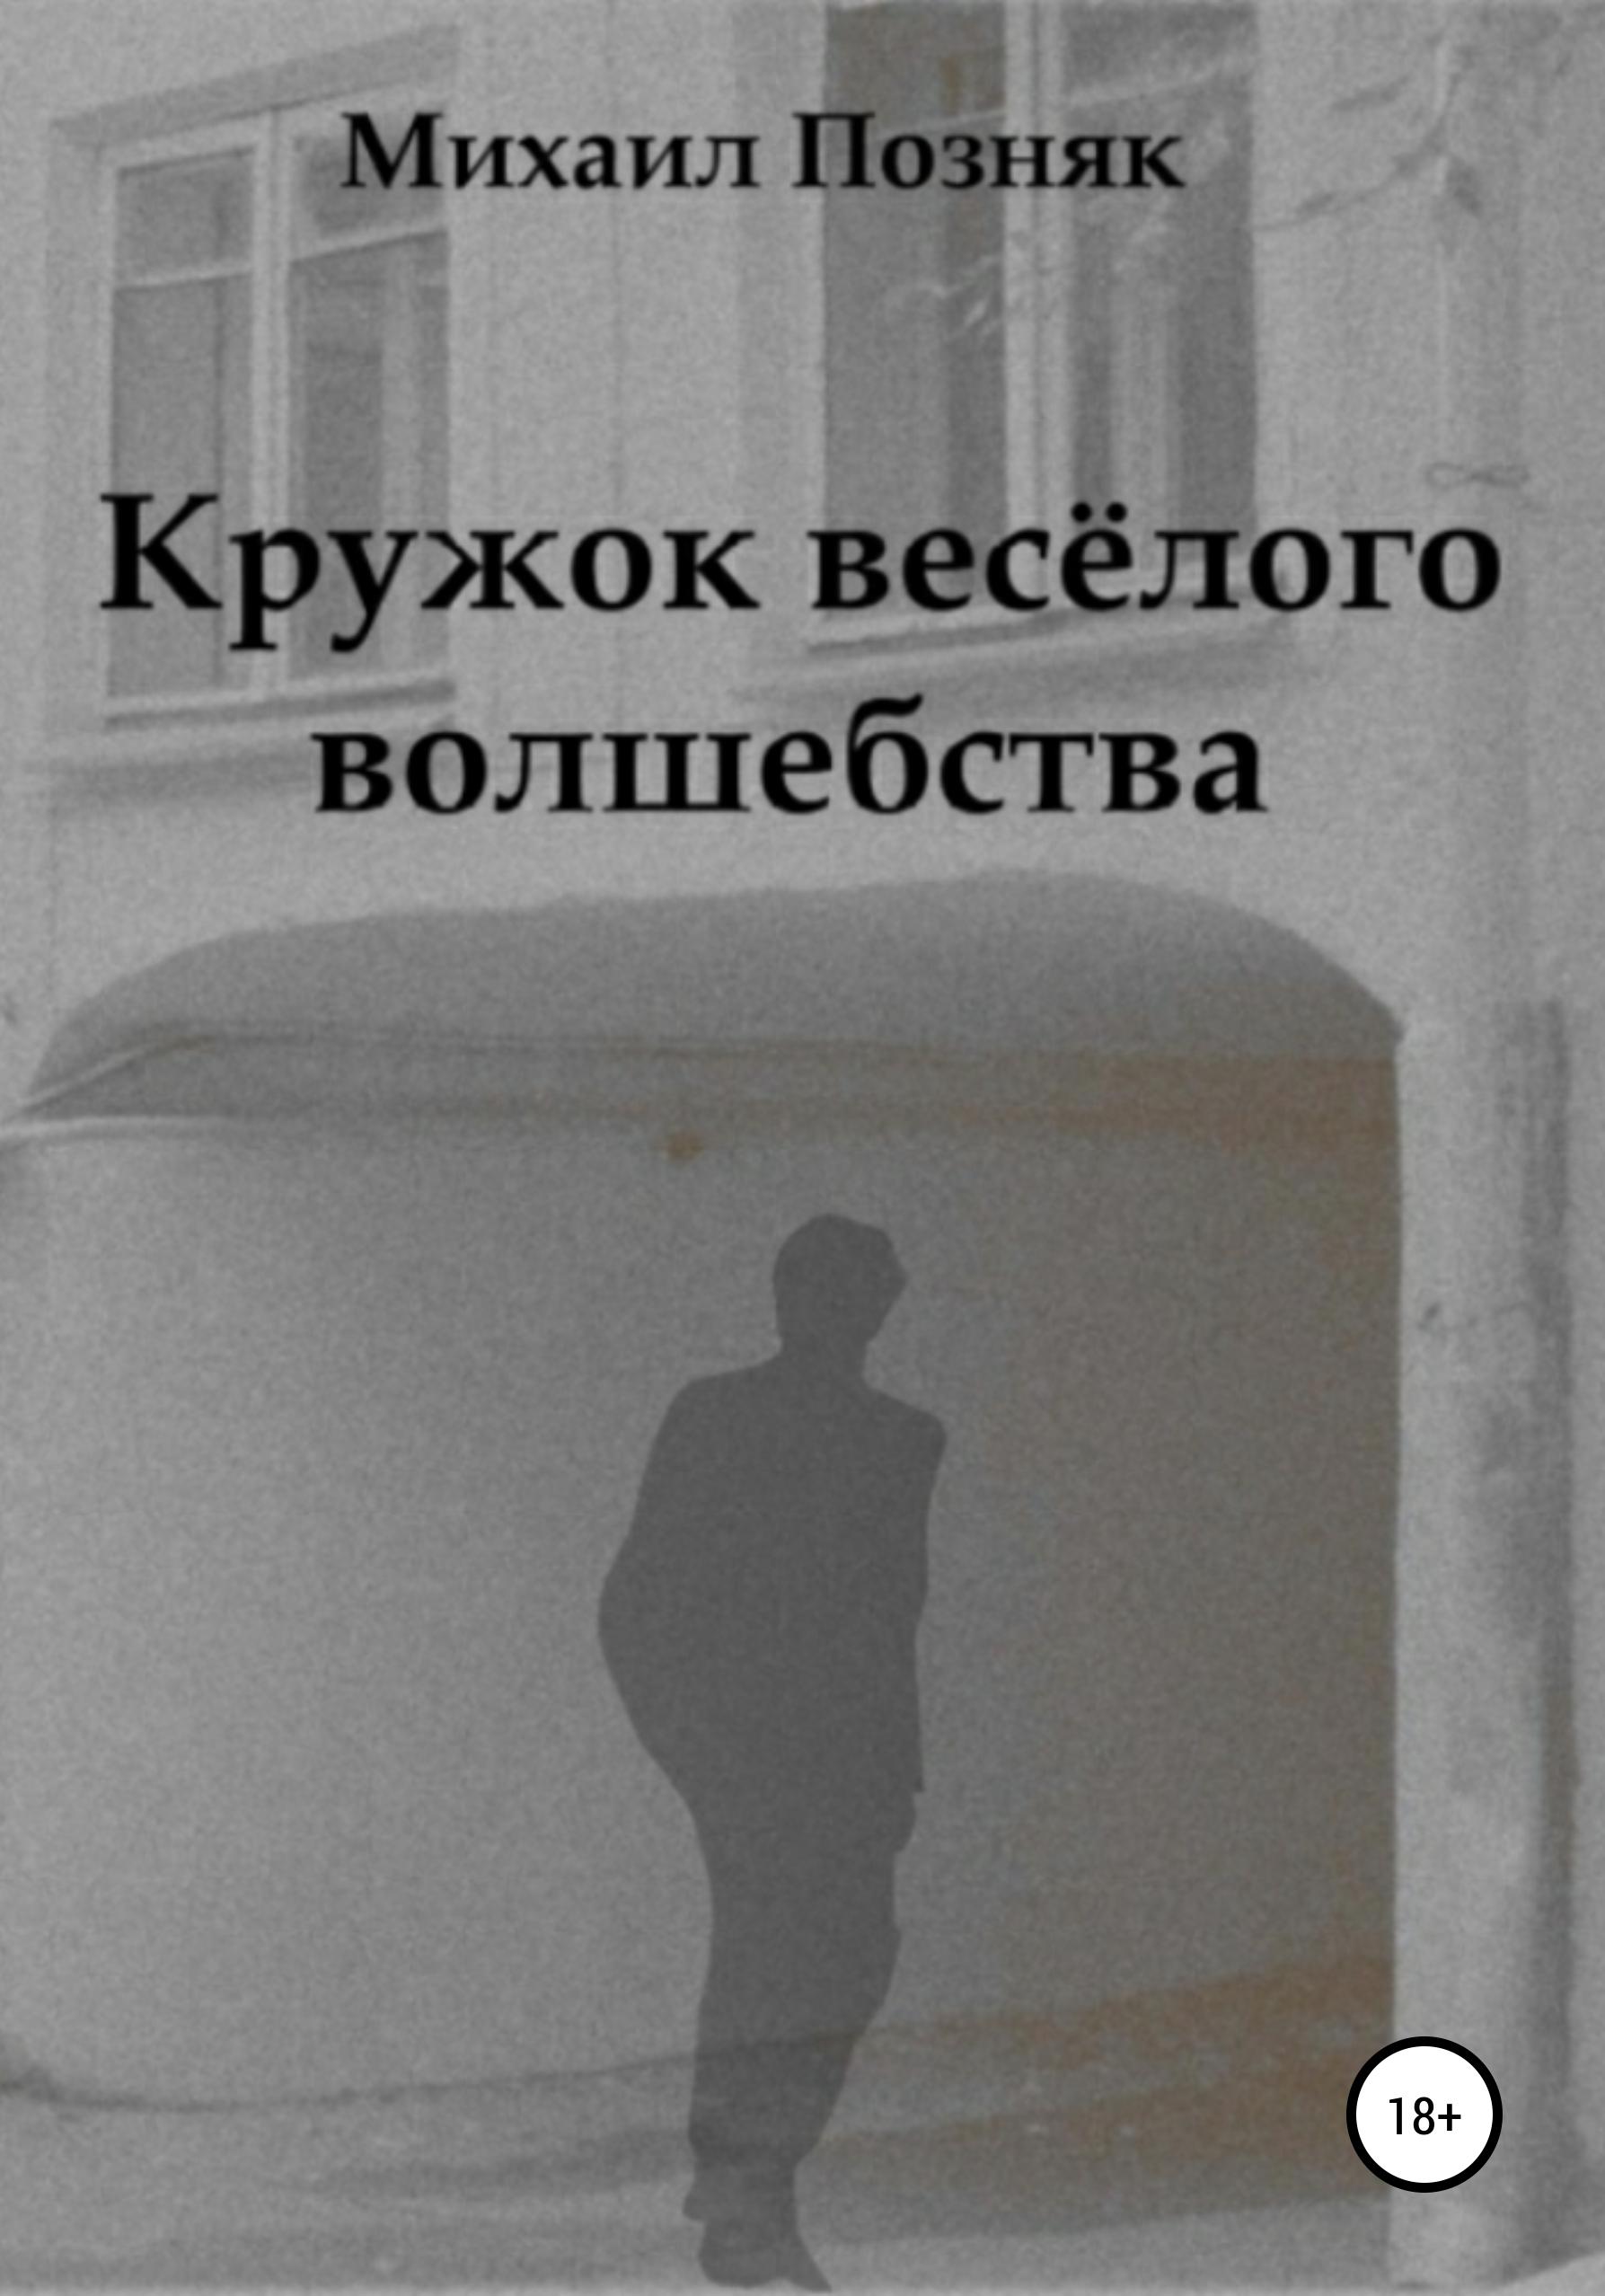 Купить книгу Кружок веселого волшебства, автора Михаила Викторовича Позняка